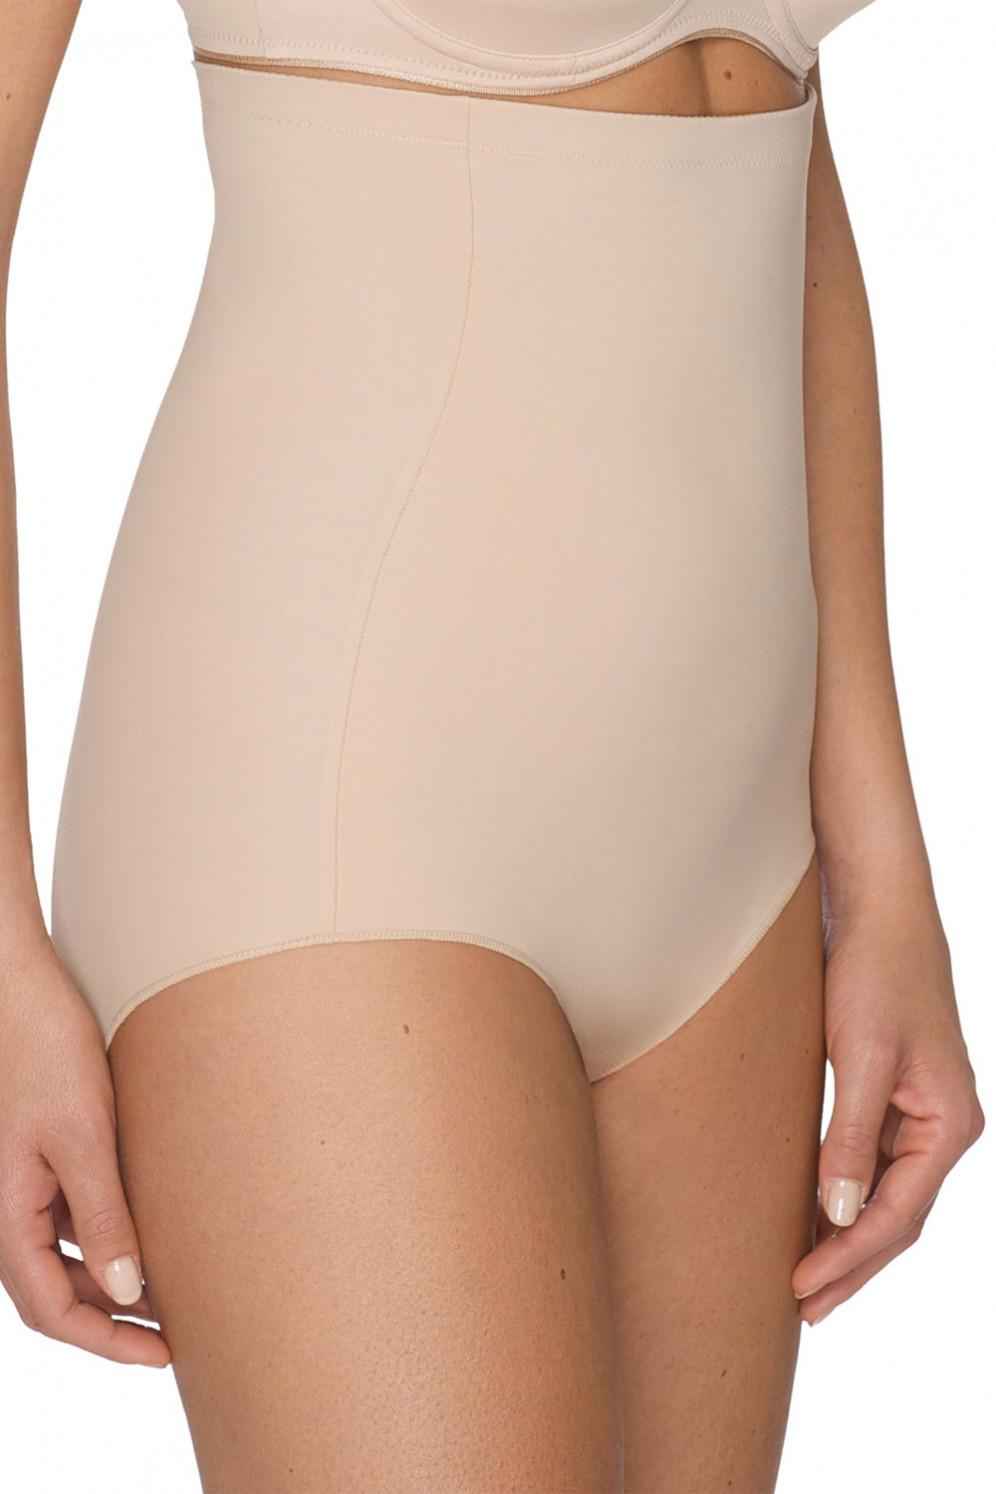 403780b661 Vergrößern Abbildung zu Shapewear Formender Slip (0562344) der Marke  PrimaDonna aus der Serie Perle ...